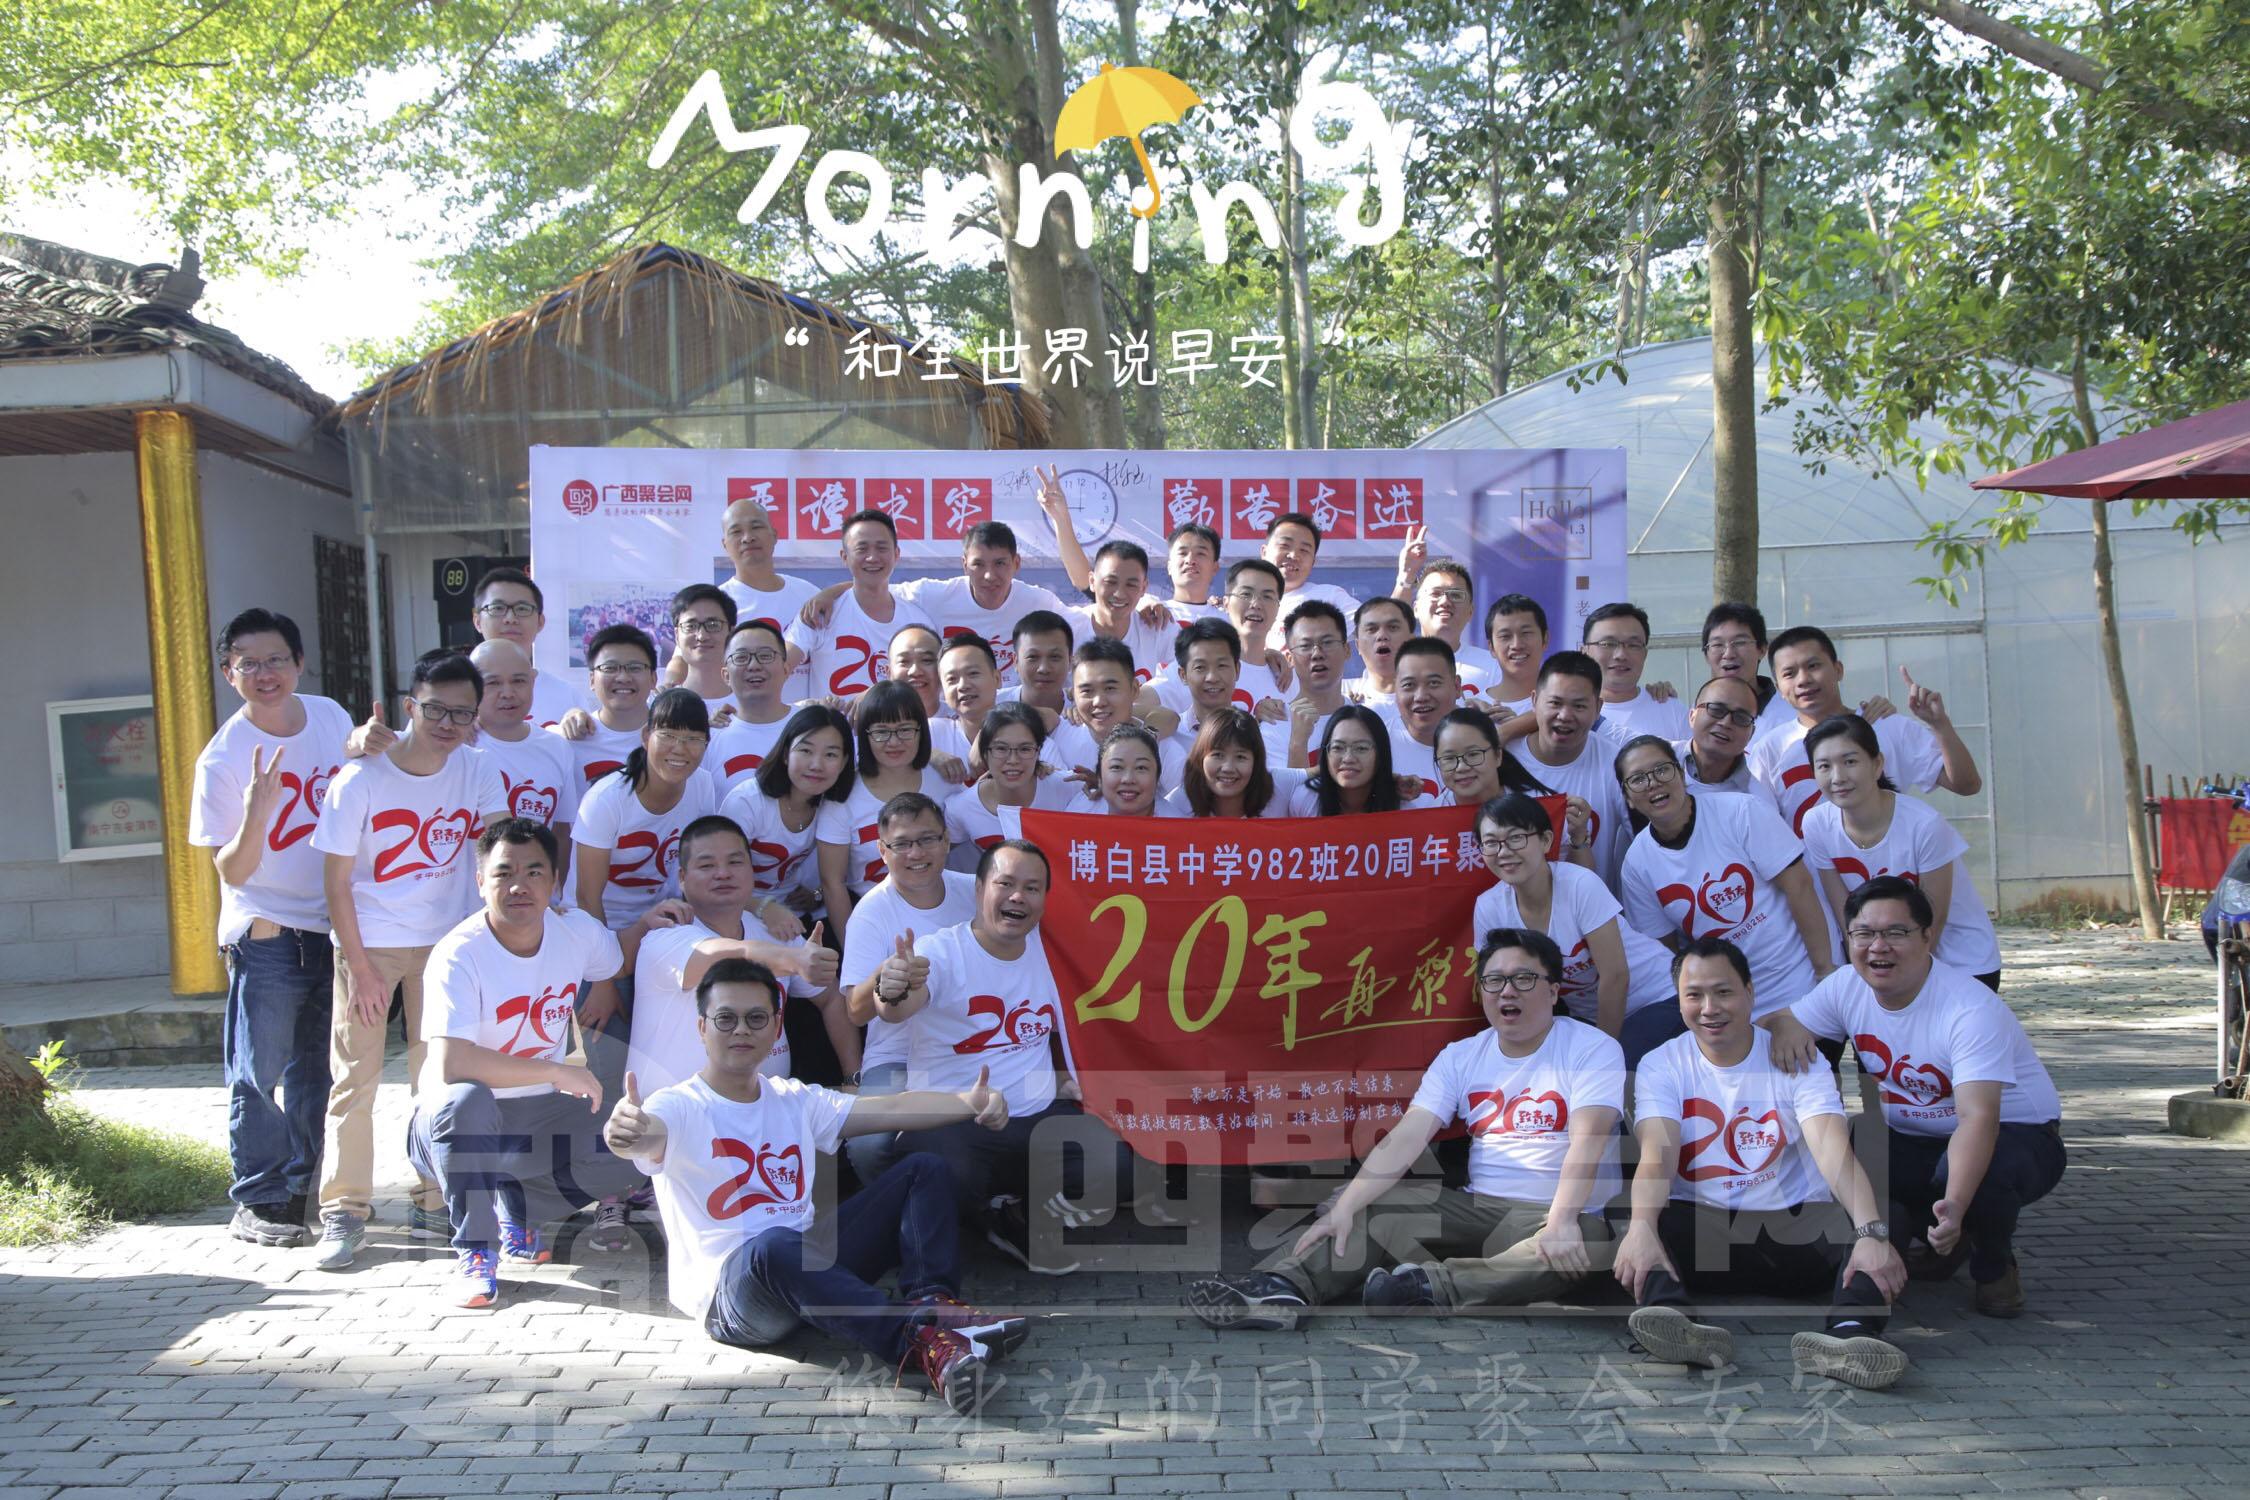 博白县中学983班毕业20周年聚会